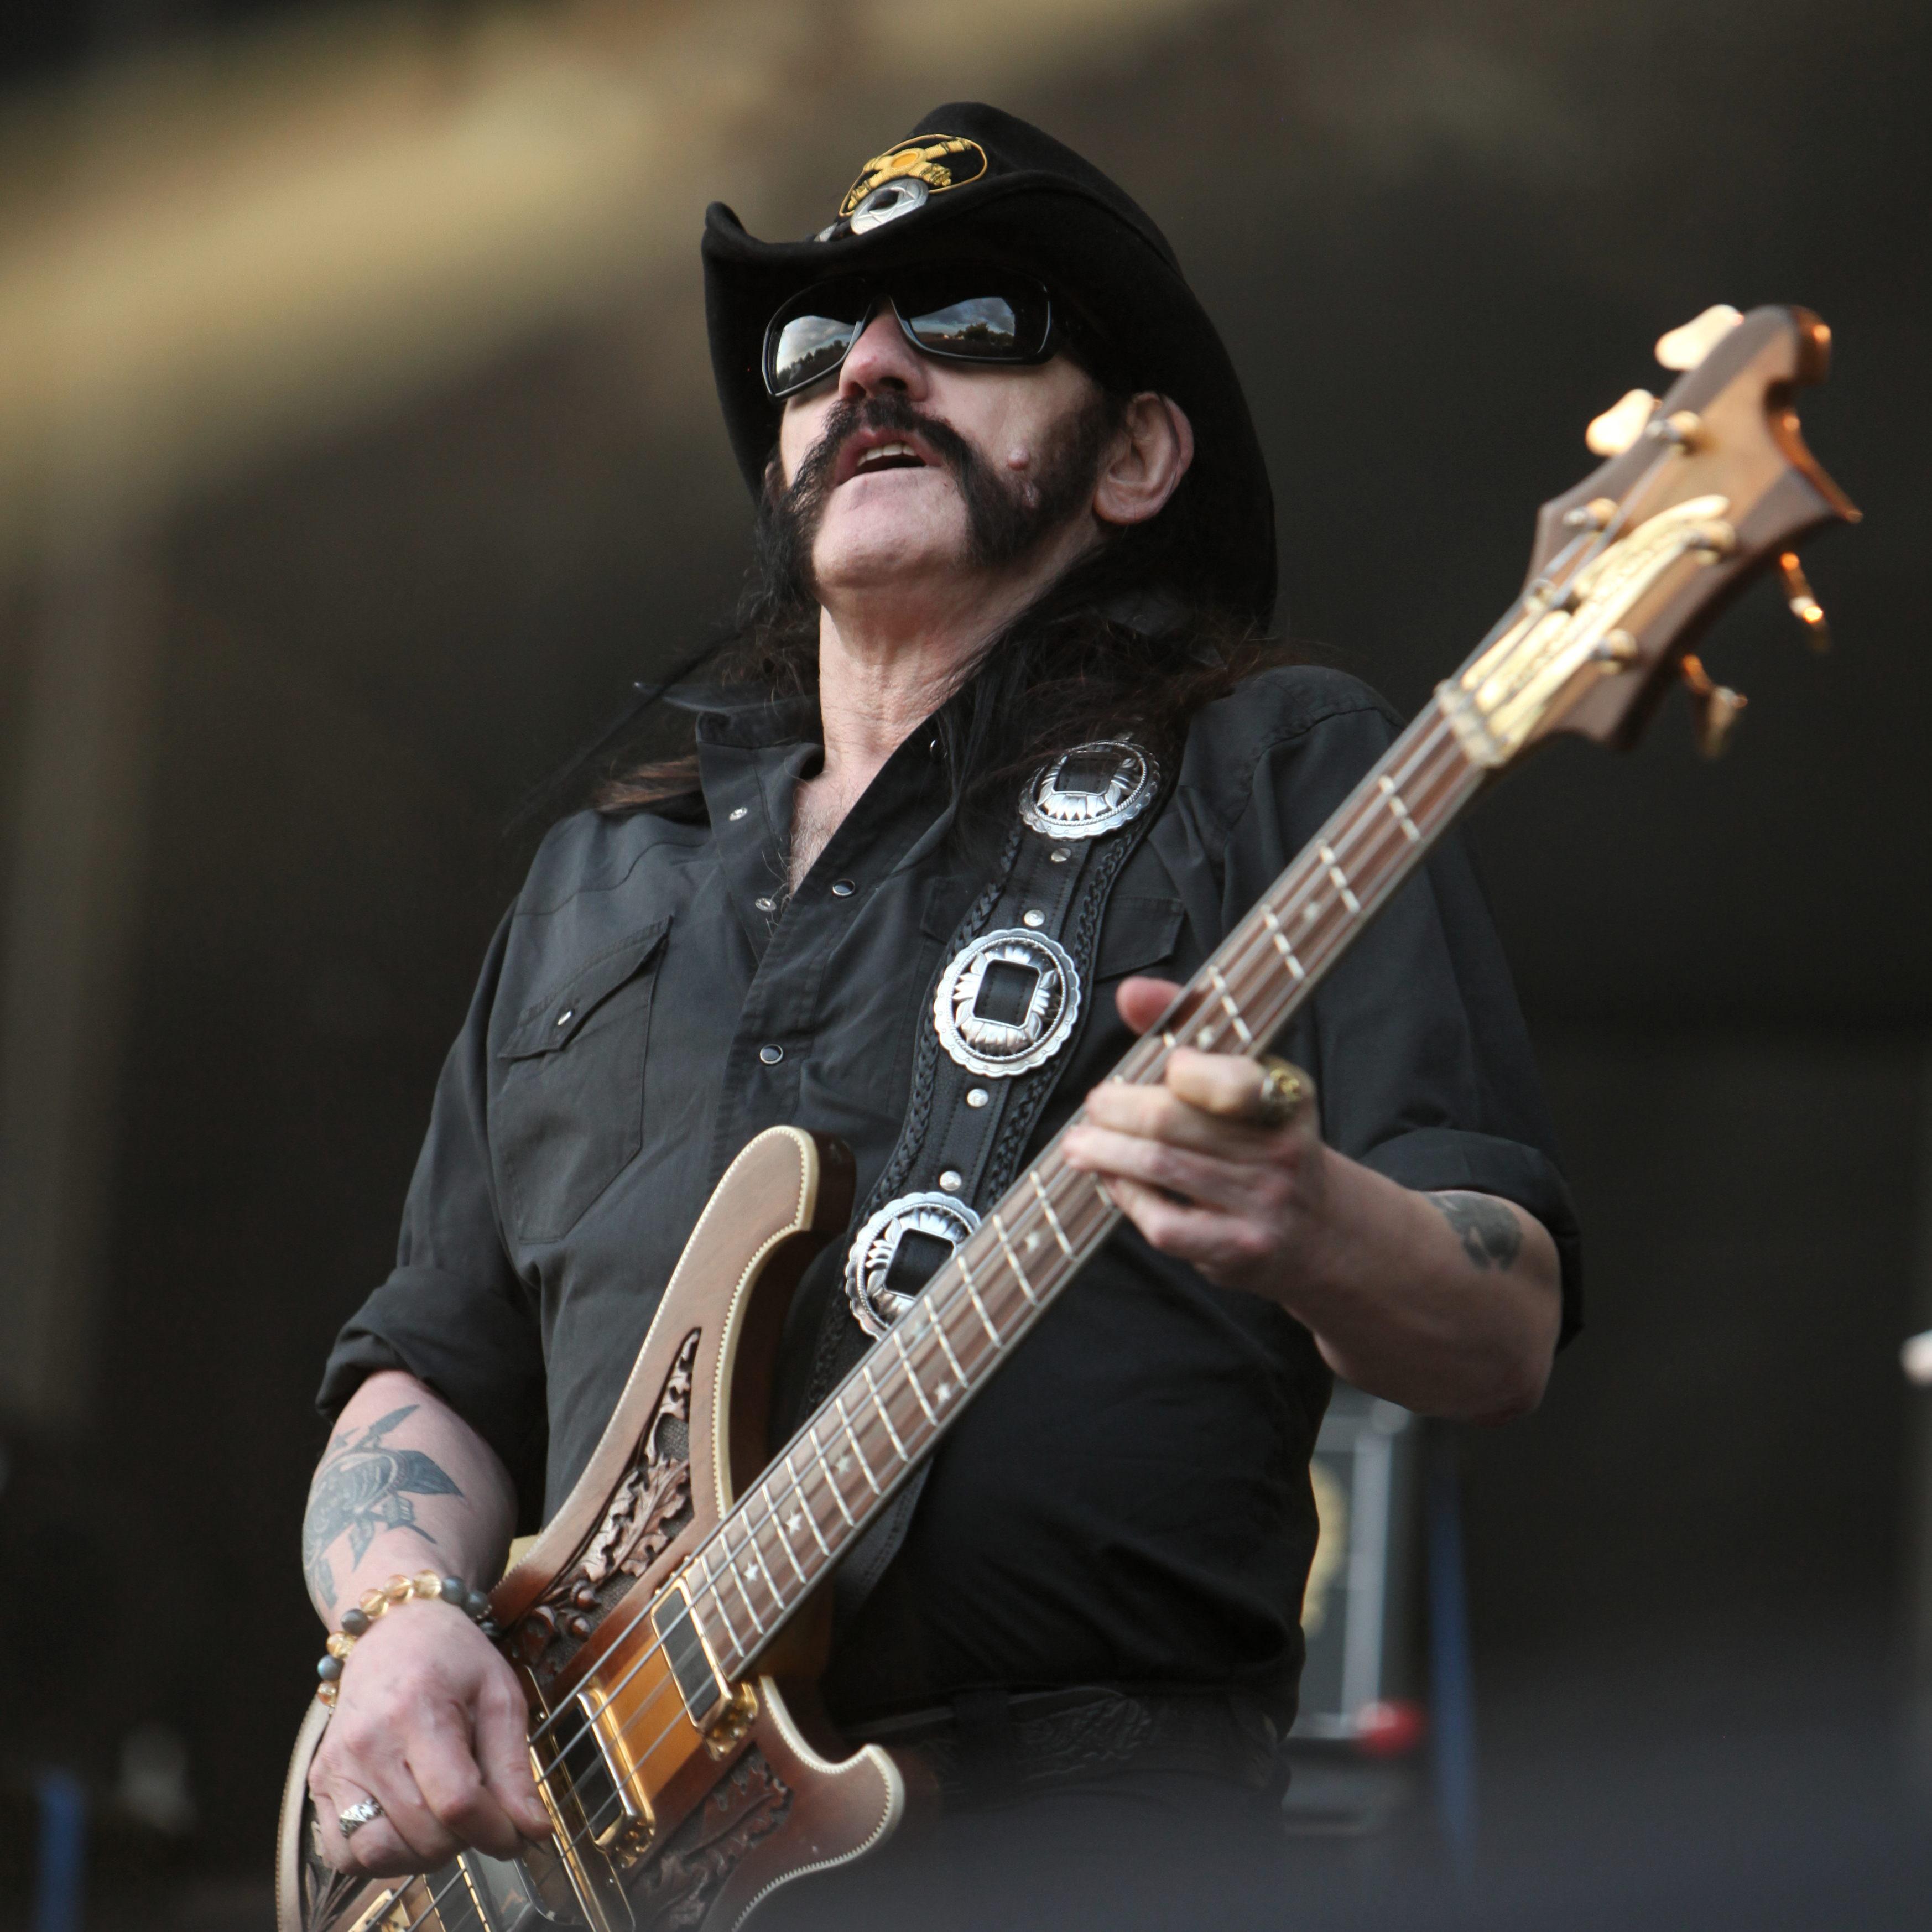 Lemmy From Motorhead